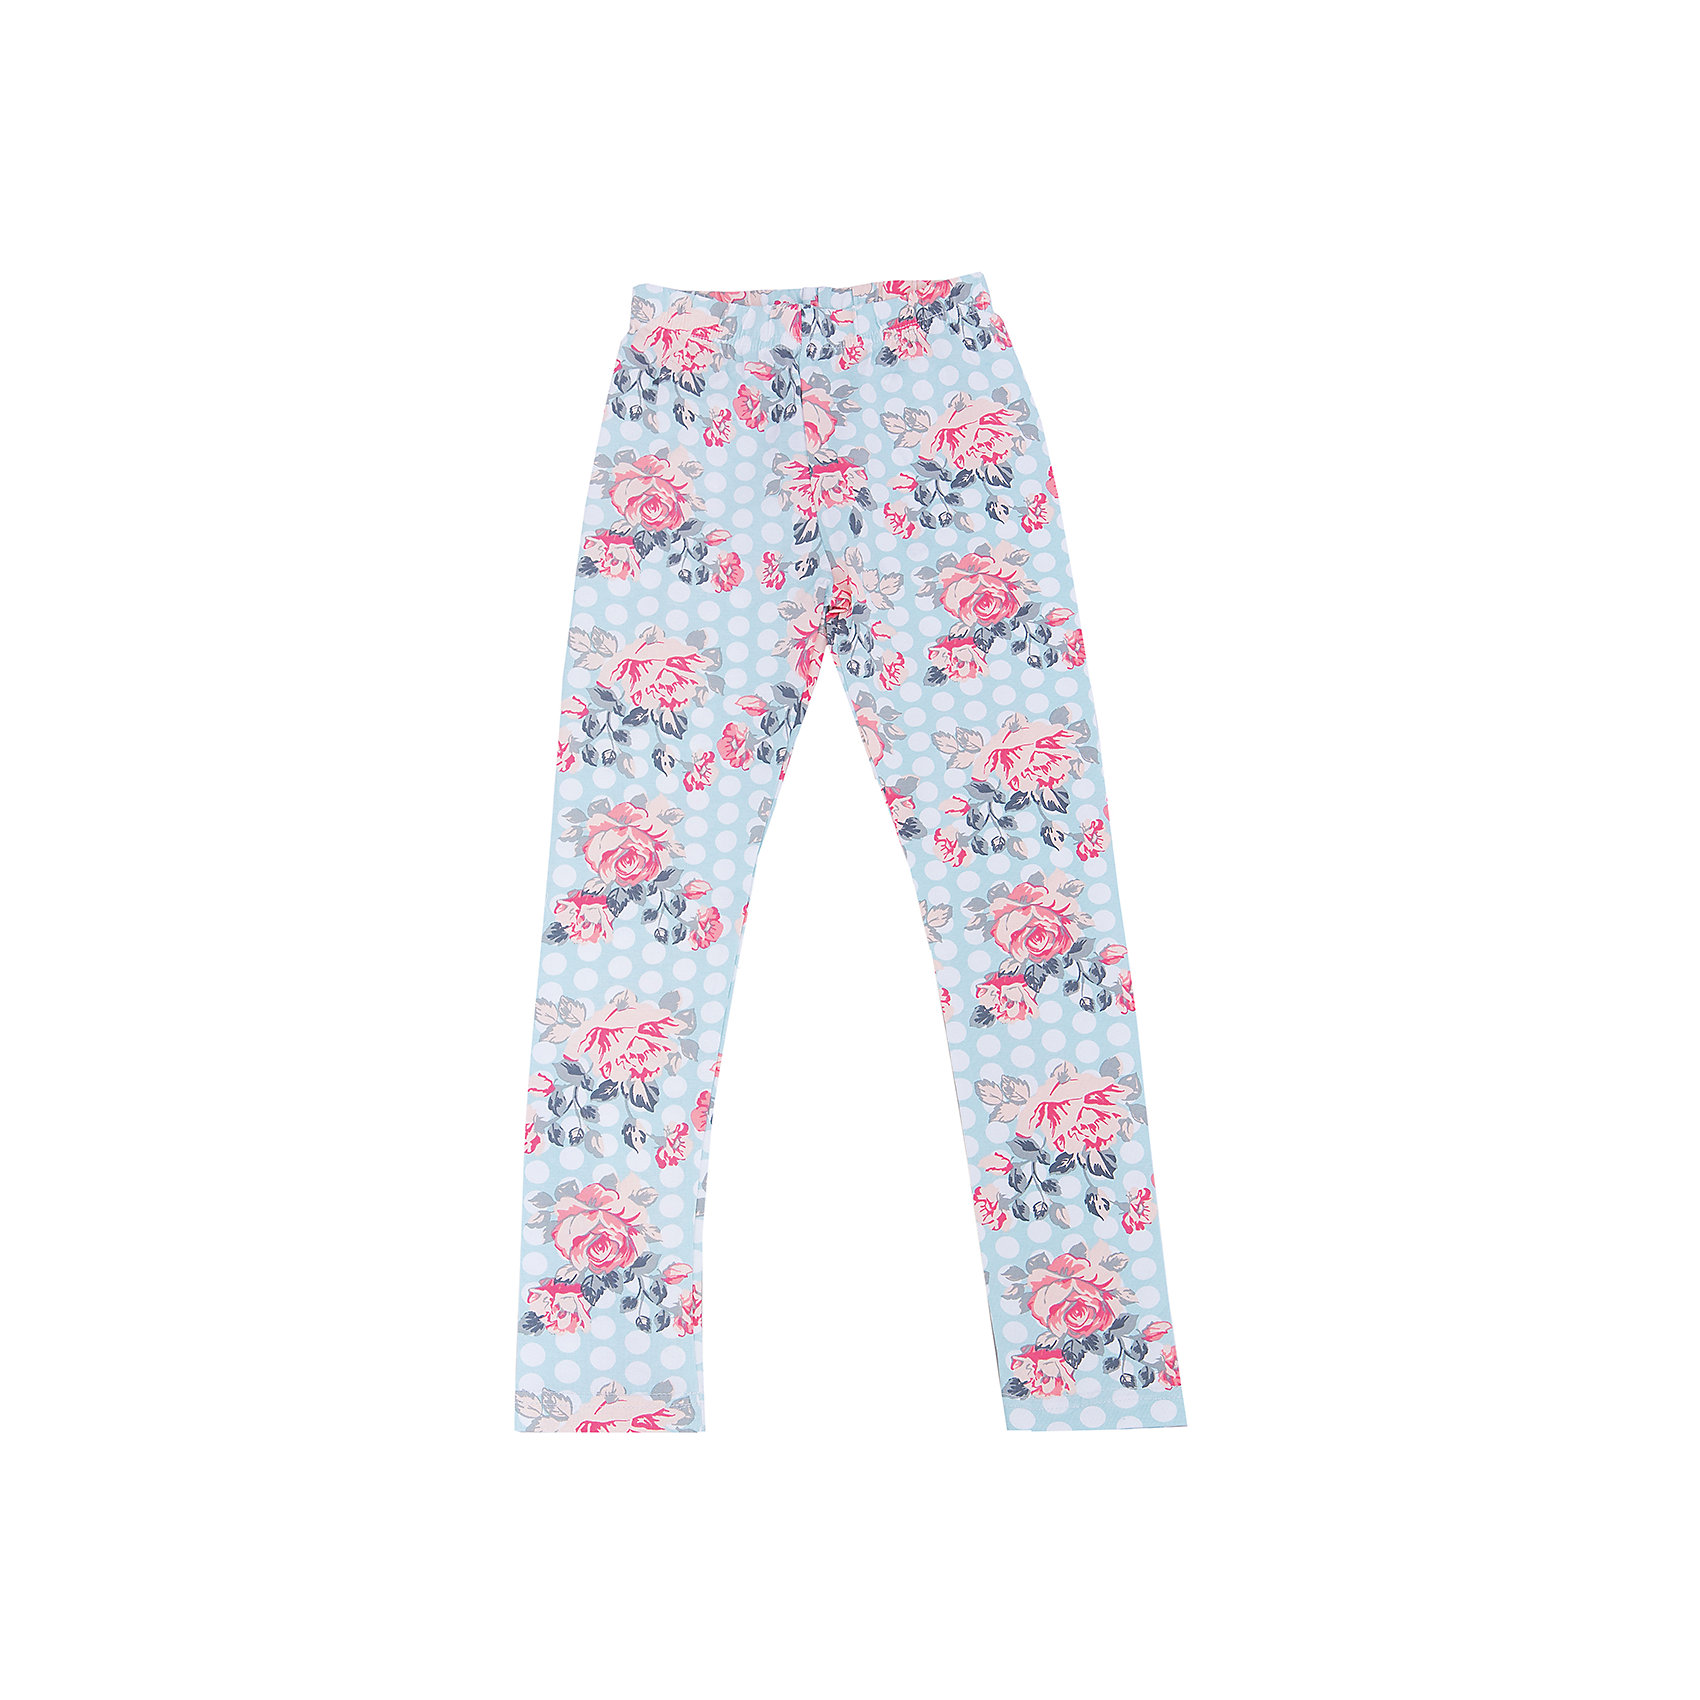 Леггинсы для девочки Sweet BerryЛеггинсы<br>Леггинсы – удобная одежда для дома или занятий спортом. Приятный материал обеспечивает комфорт на протяжении всего времени ношения вещи. Модный принт в цветок– отличительная особенность модели. Пояс выполнен из внутренней резинки. Леггинсы не имеют твердых вставок, поэтому подходят в качестве варианта одежды для сна. Нежный цвет подойдет ко многим детским вещам. Материалы, использованные при изготовлении одежды, полностью безопасны для детей и отвечают всем требованиям по качеству продукции данной категории.<br><br>Дополнительная информация: <br><br>пояс на резинке;<br>модный принт;<br>прямой крой;<br>цвет: голубой;<br>материал: хлопок 95%, эластан 5%.<br><br>Леггинсы для девочки от компании Sweet Berry можно приобрести в нашем магазине.<br><br>Ширина мм: 123<br>Глубина мм: 10<br>Высота мм: 149<br>Вес г: 209<br>Цвет: голубой<br>Возраст от месяцев: 48<br>Возраст до месяцев: 60<br>Пол: Женский<br>Возраст: Детский<br>Размер: 110,98,104,116,122,128<br>SKU: 4931953